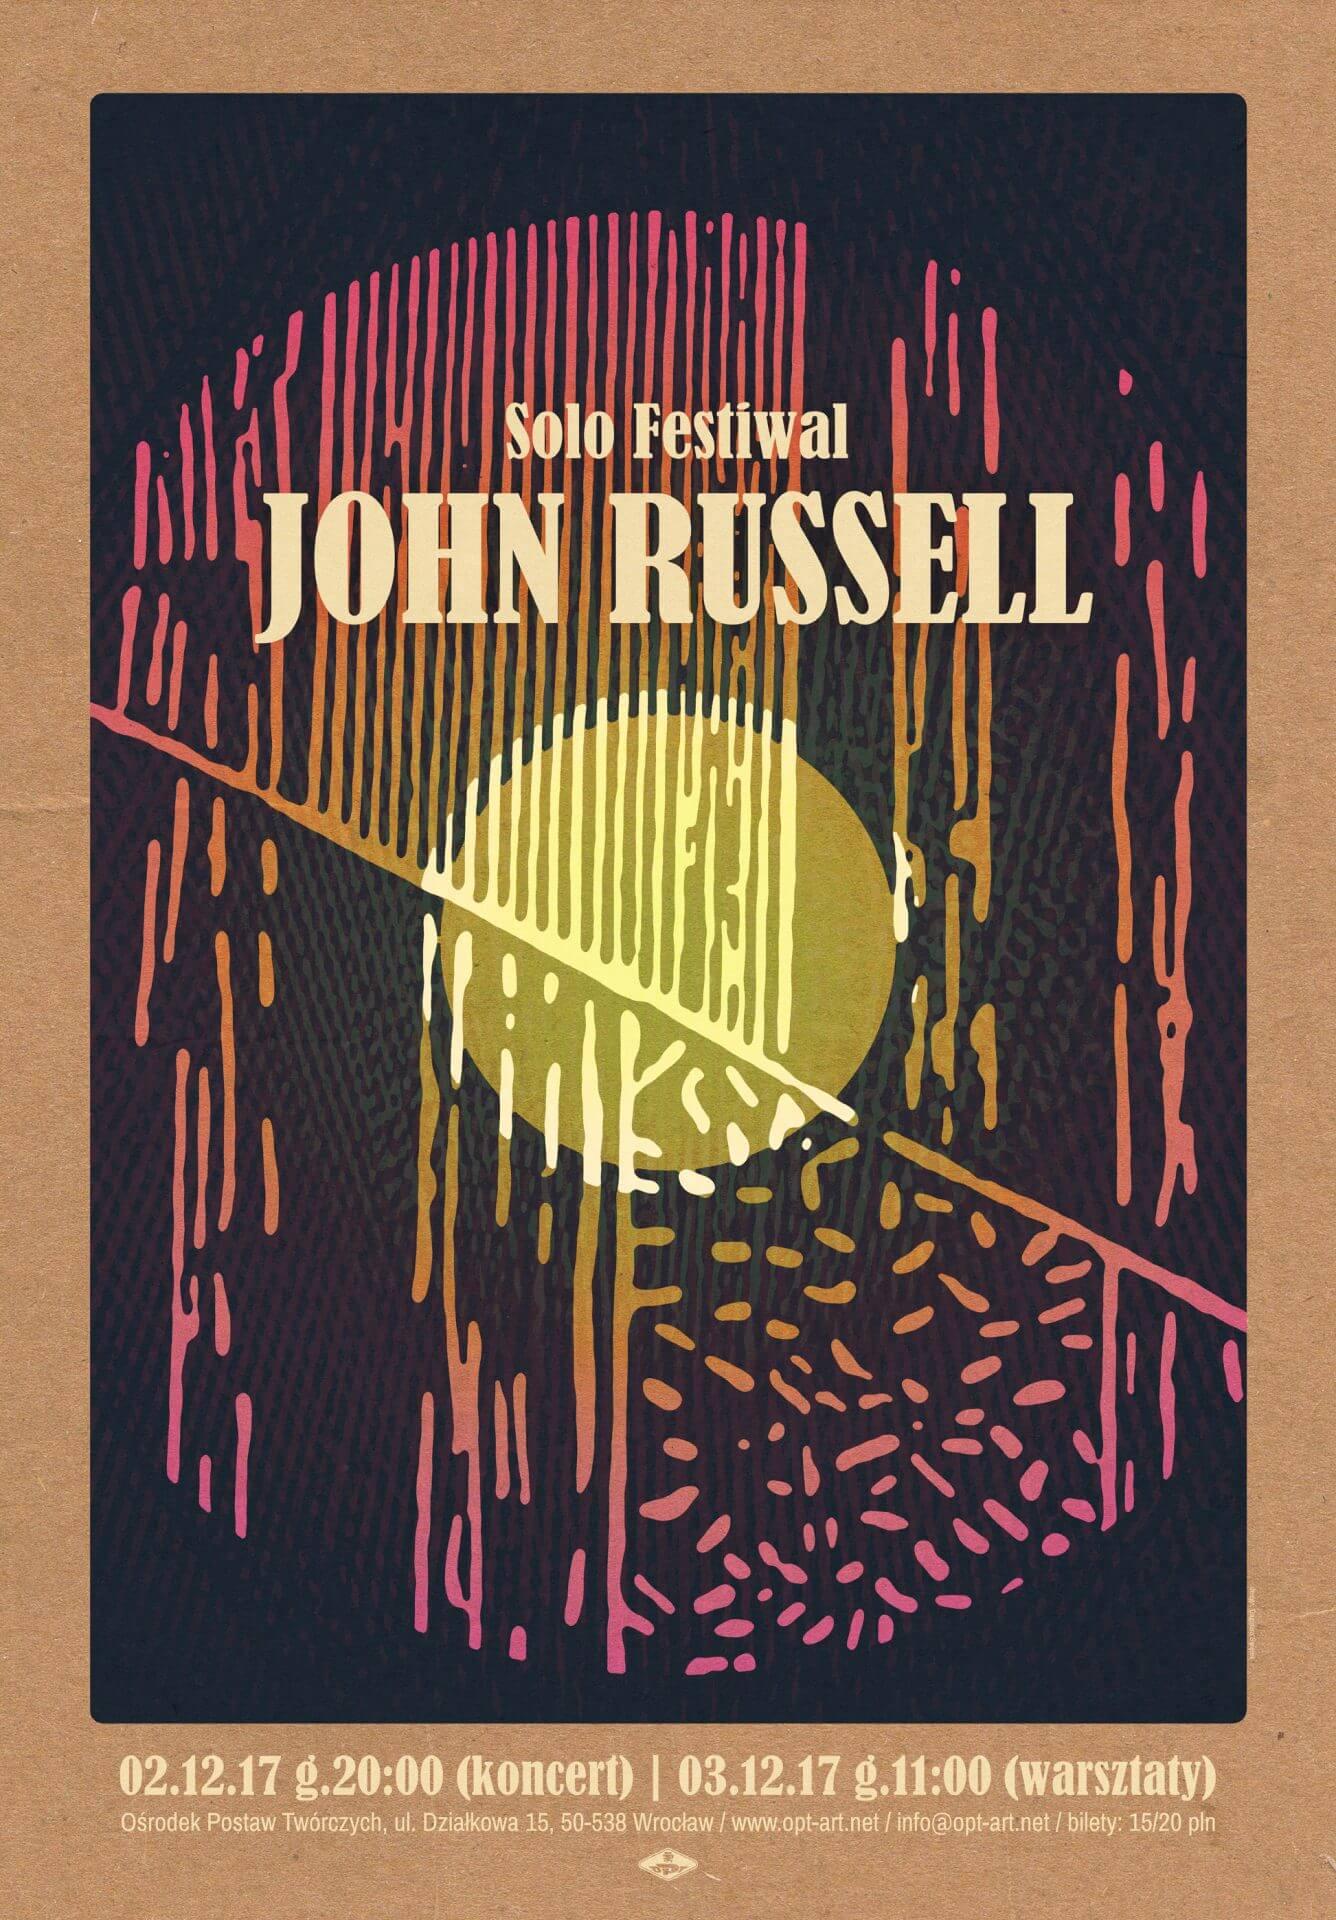 John Russell - Solo Festiwal